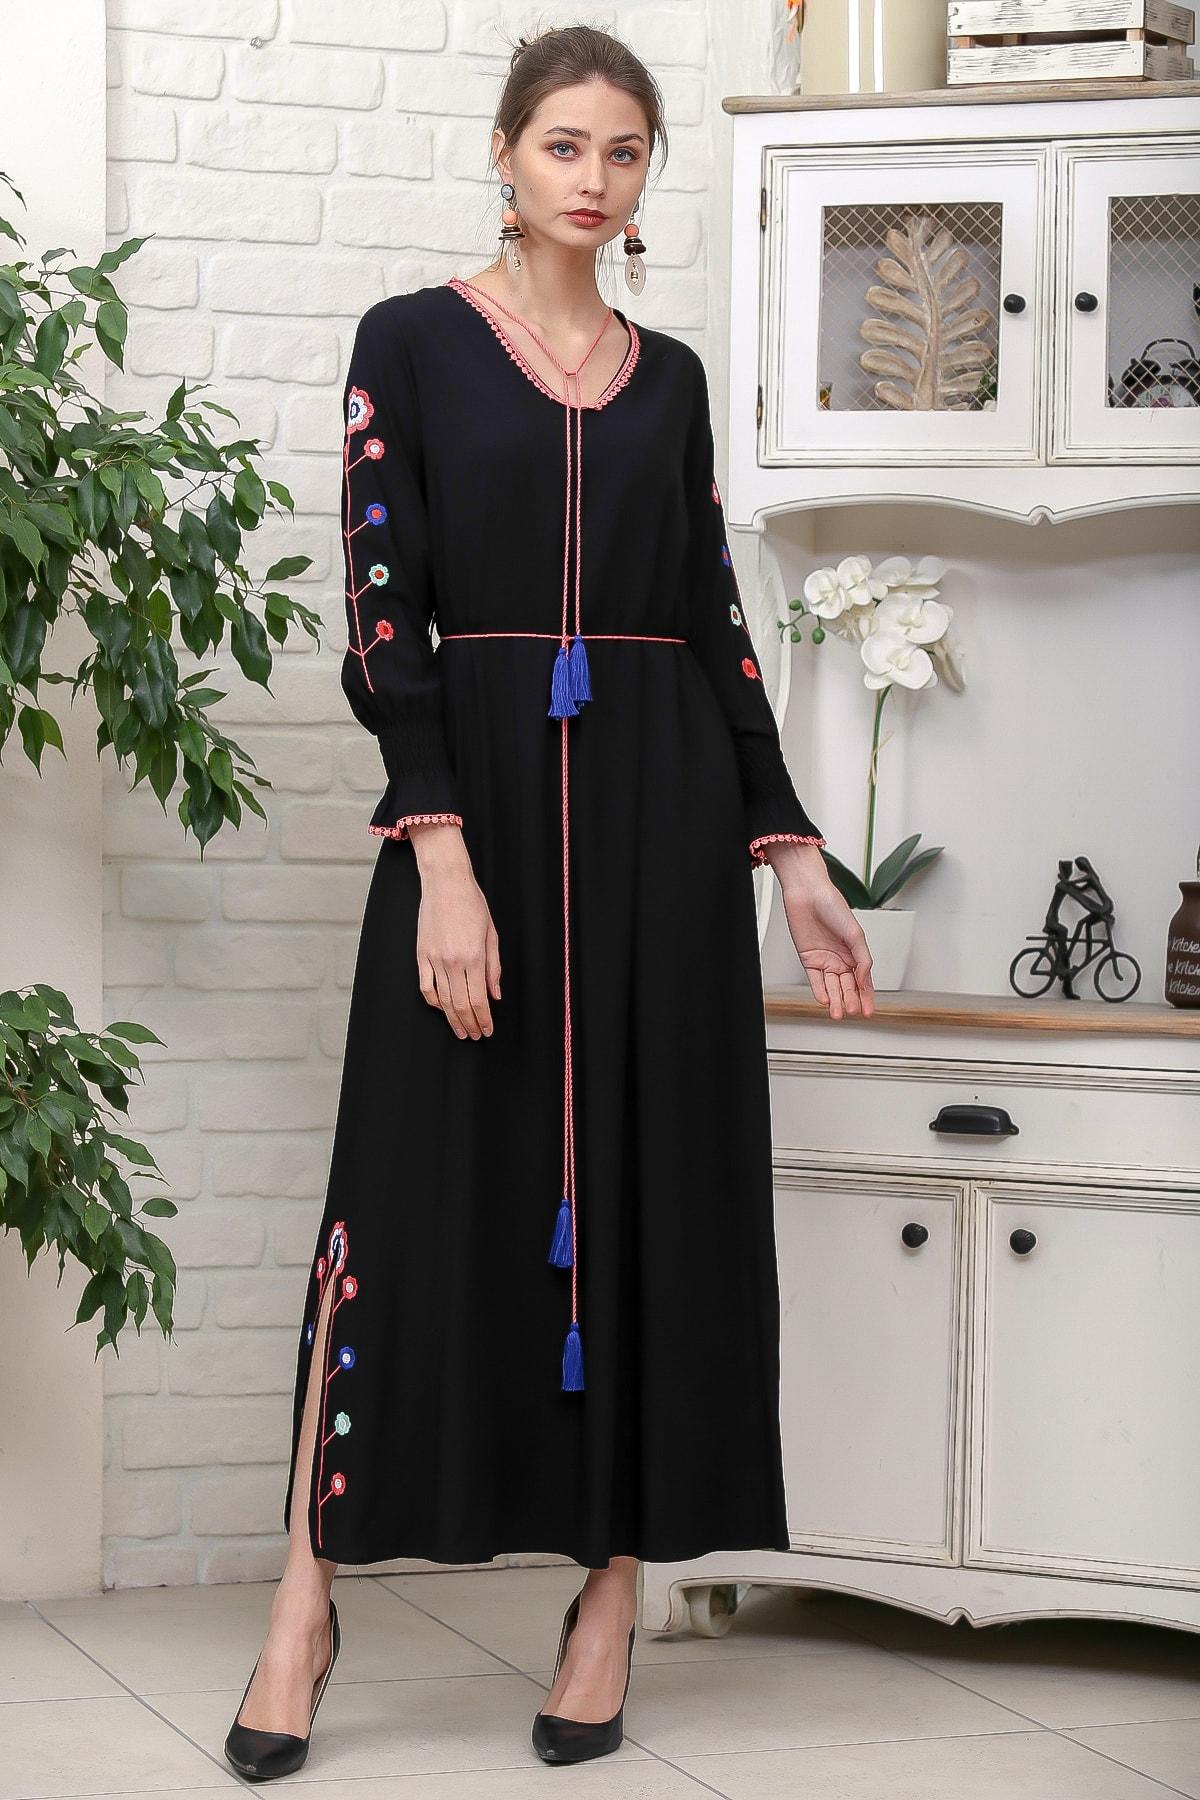 Chiccy Kadın Siyah Kol Ve Yırtmaçları Çiçek Nakışlı Püsküllü Bağcıklı Dokuma Uzun Elbise M10160000EL95942 1